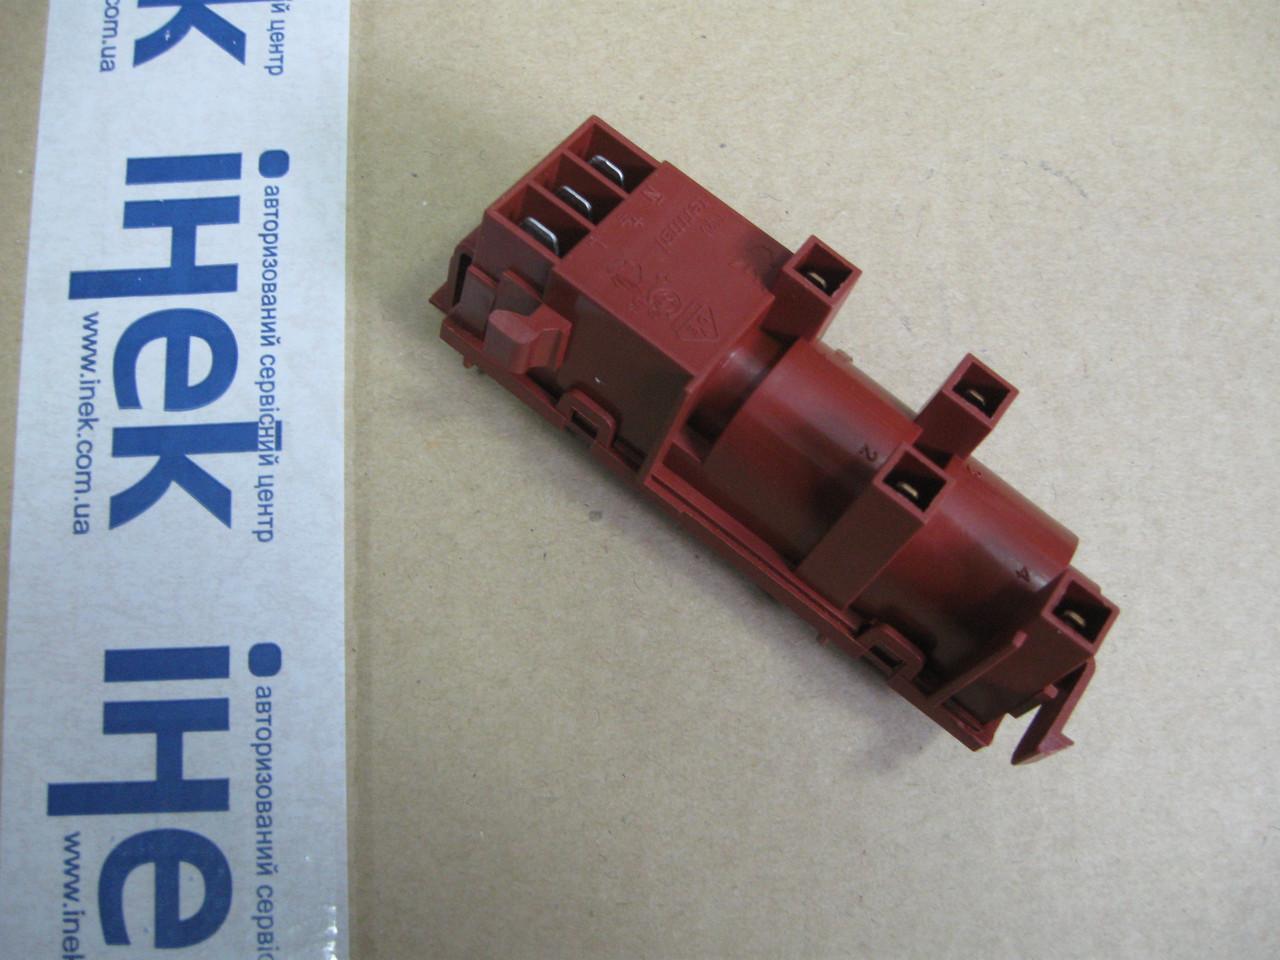 Блок розжига газовых плит Bosch 00499046